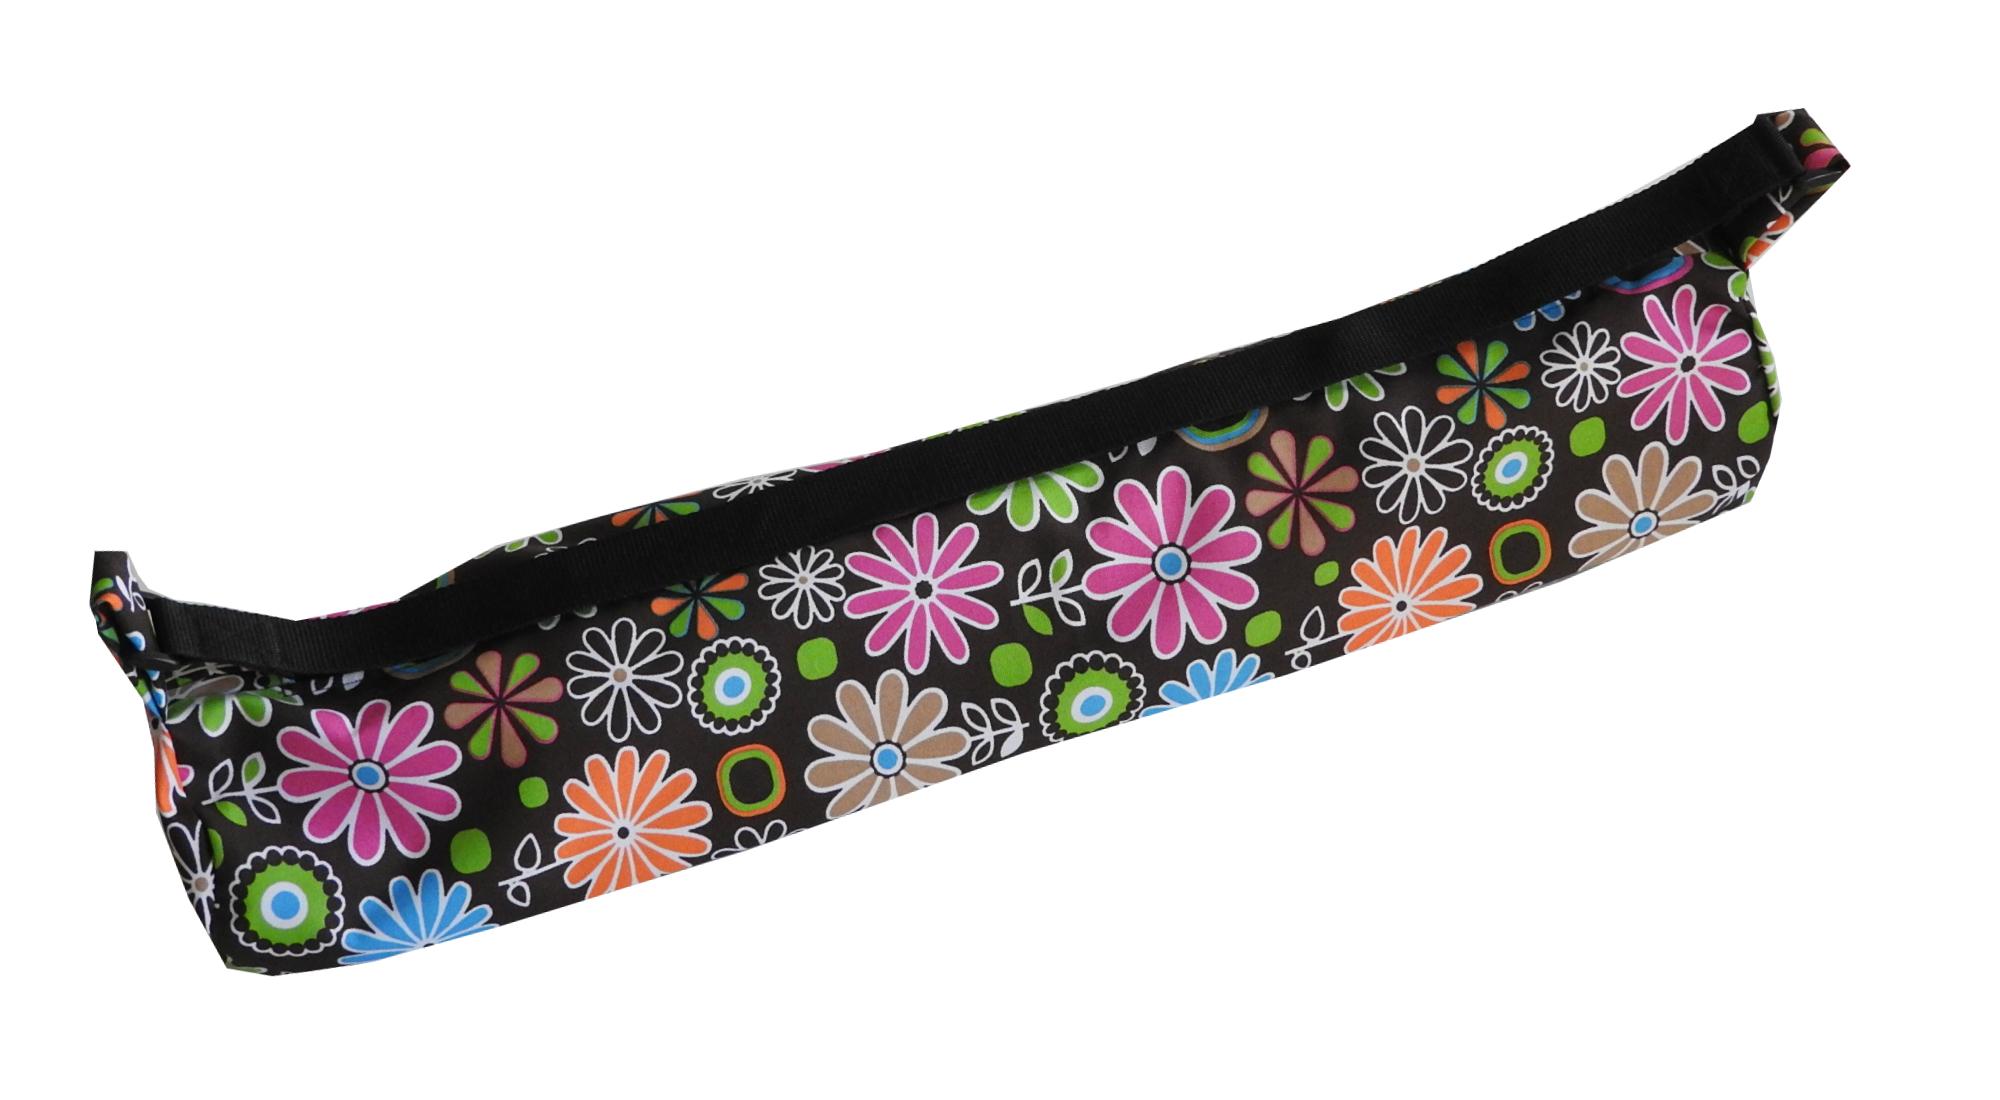 Vrecko kvety 75 cm pre fitness rohože